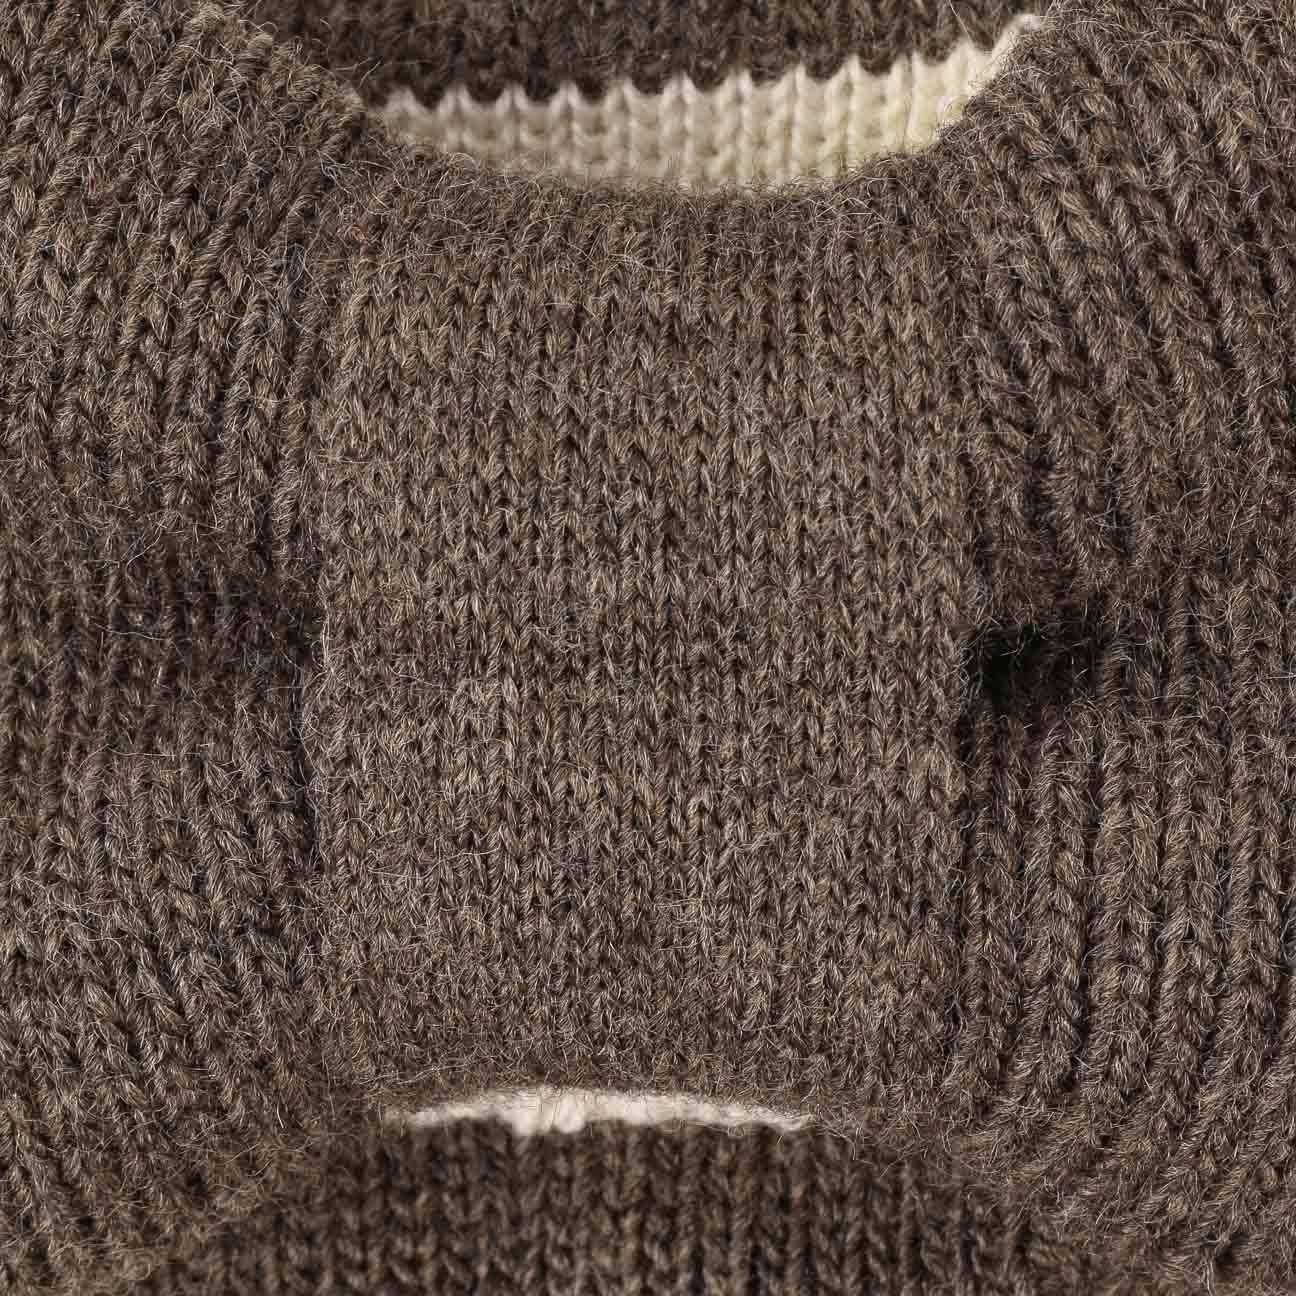 - melierte Farben Ohrensch/ützer Ohrenw/ärmer Herbst//Winter Headband in One Size 55-60 cm Lierys Lazo Stirnband mit Schleife Damen - Made in Germany 7,5 cm breit